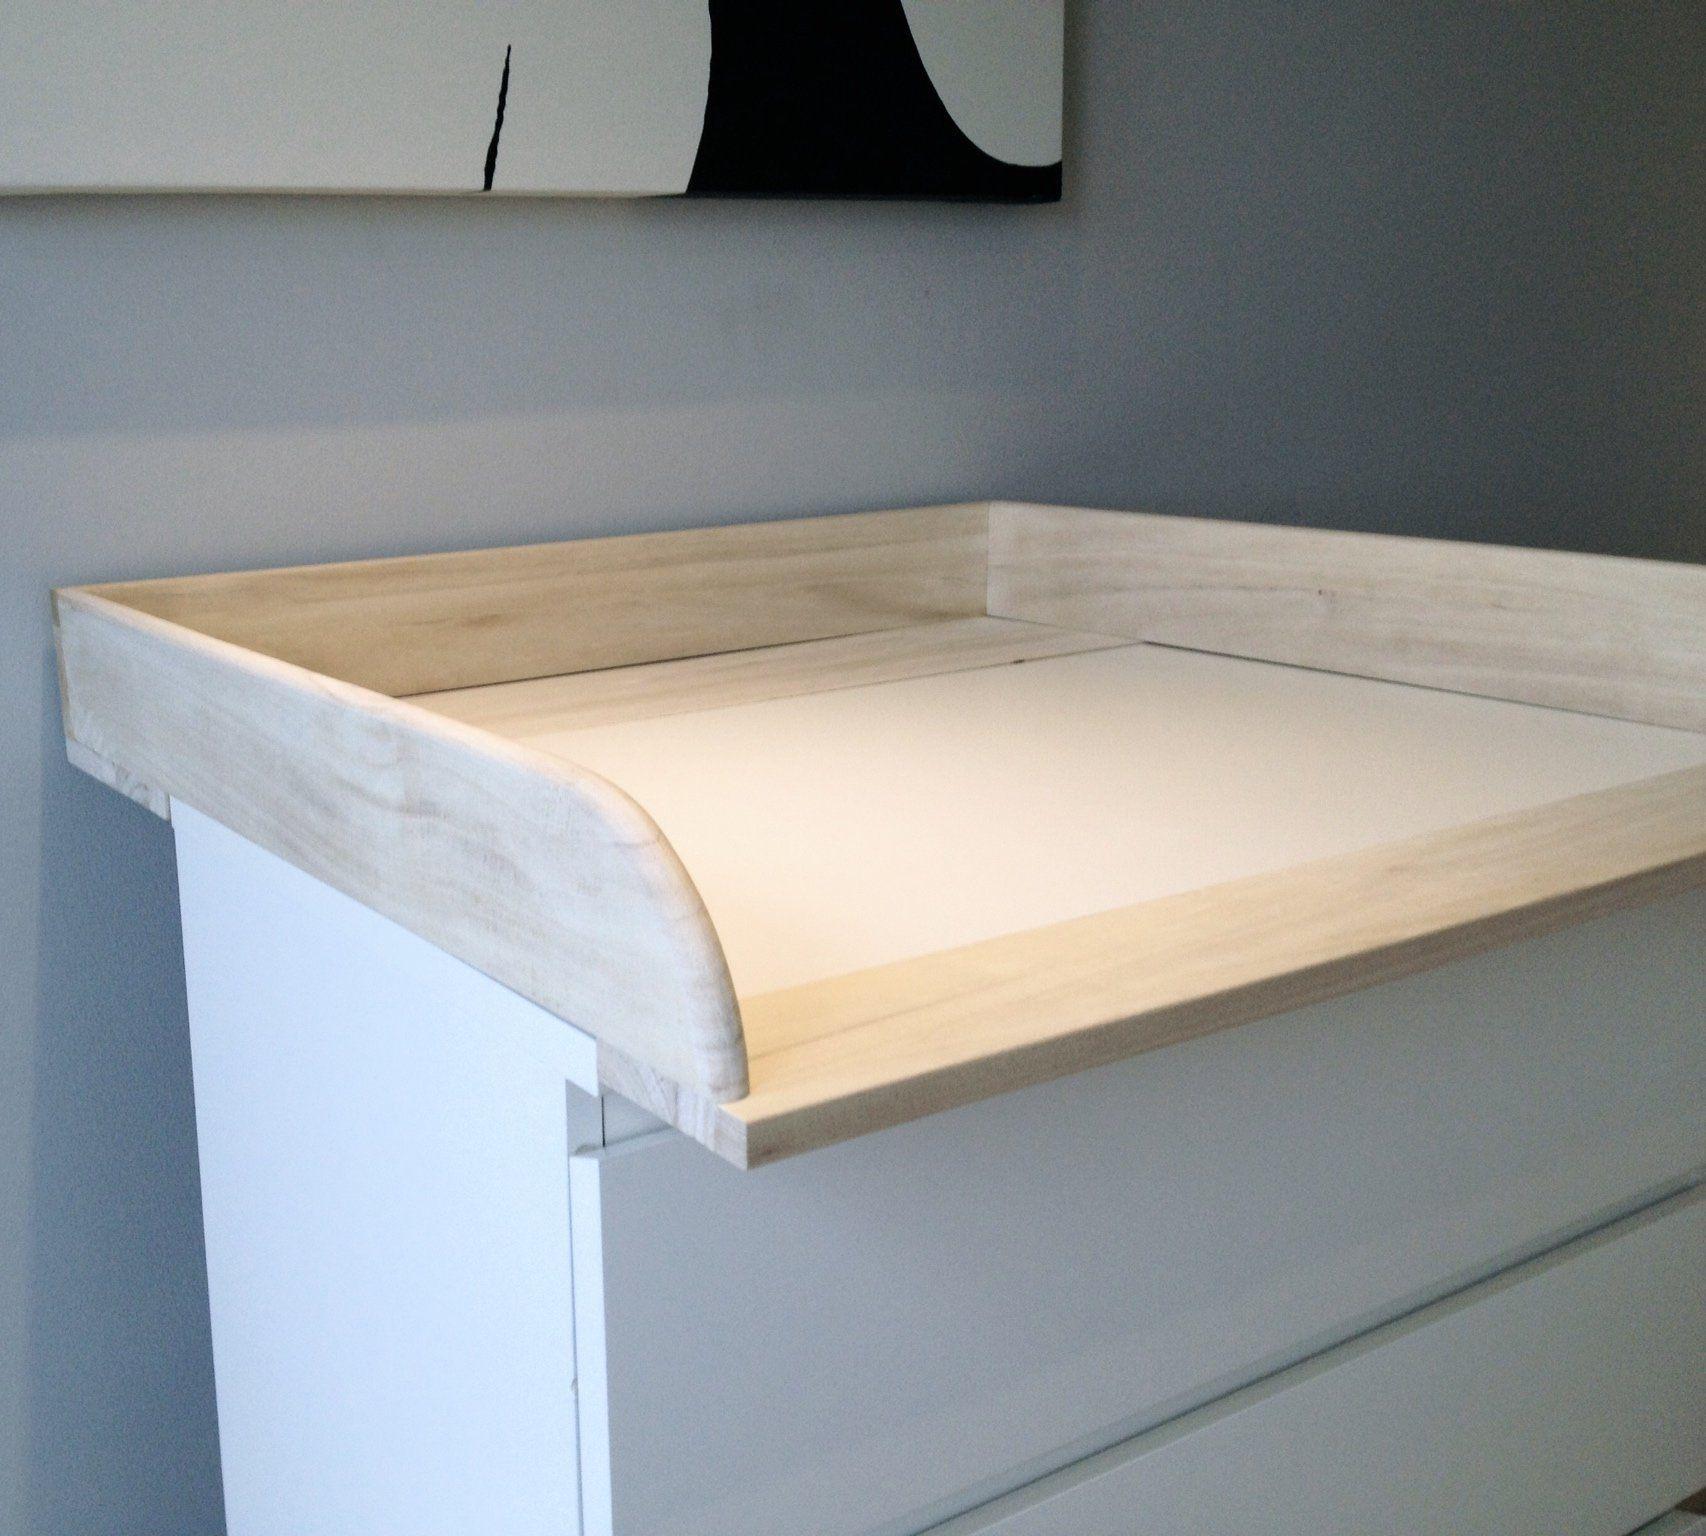 table langer en bois naturel pour commode ikea malm b b s pu riculture bebe